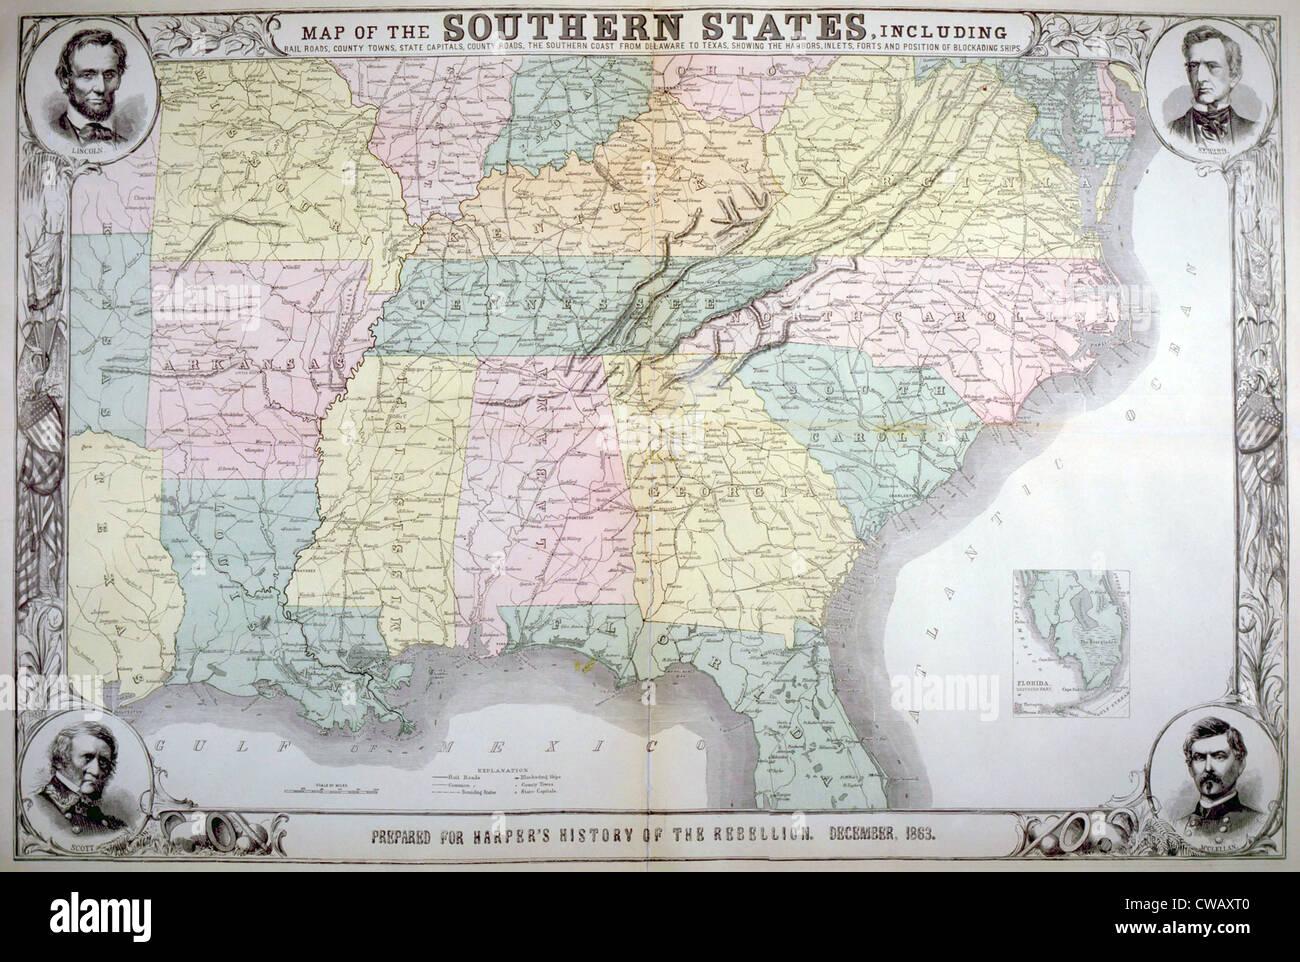 Mapa de los estados del sur publicado por Harper's pictórica de la historia de la Gran Rebelión, diciembre de 1863 Foto de stock